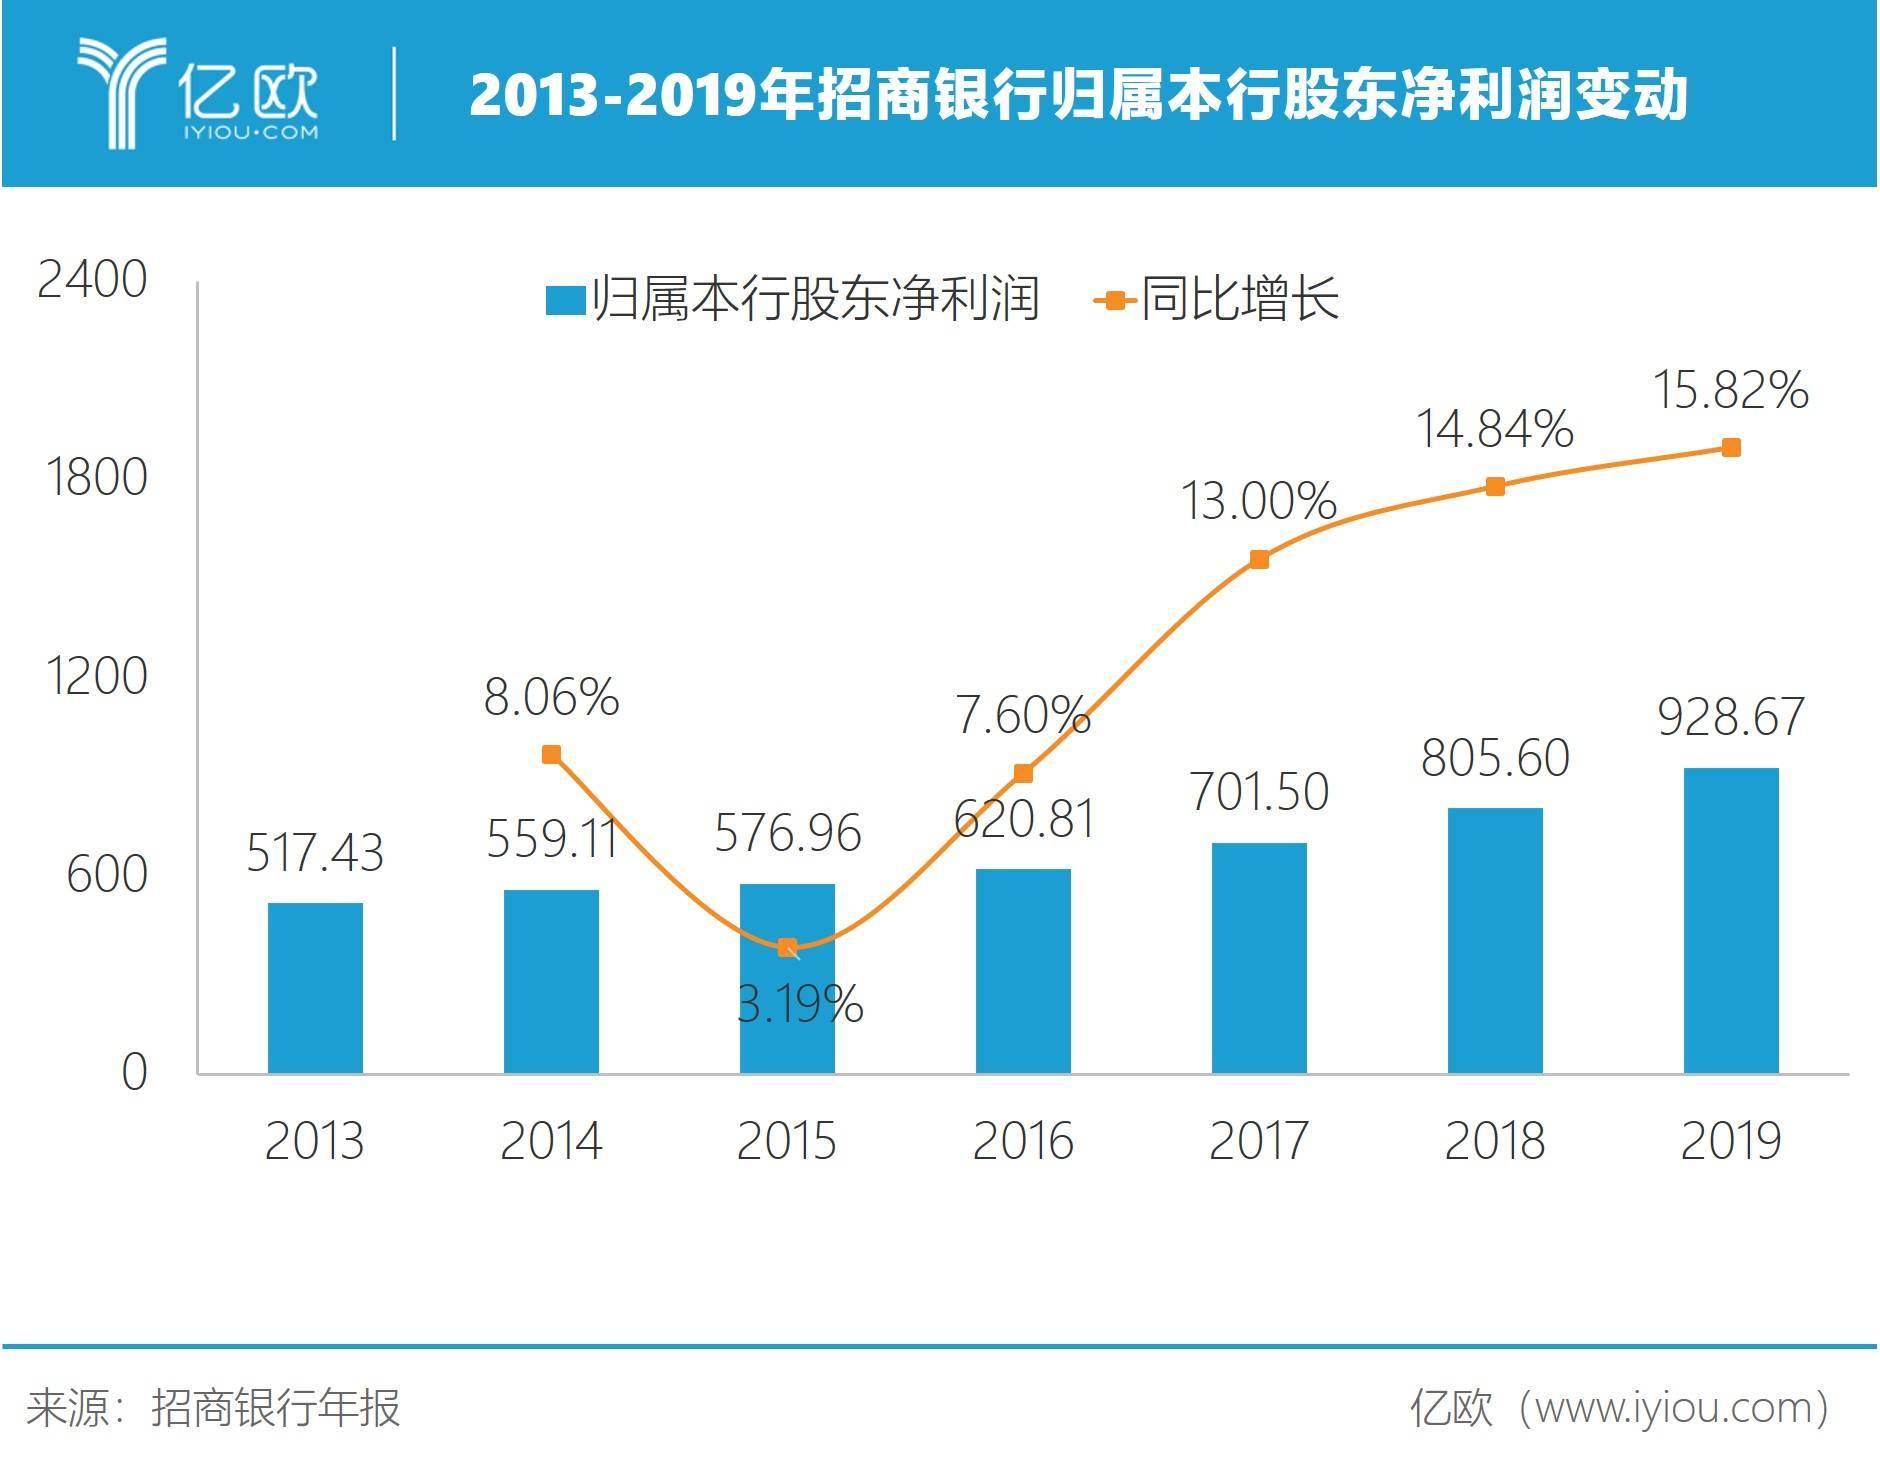 2013-2019年招商银行归属本行股东净利润变动